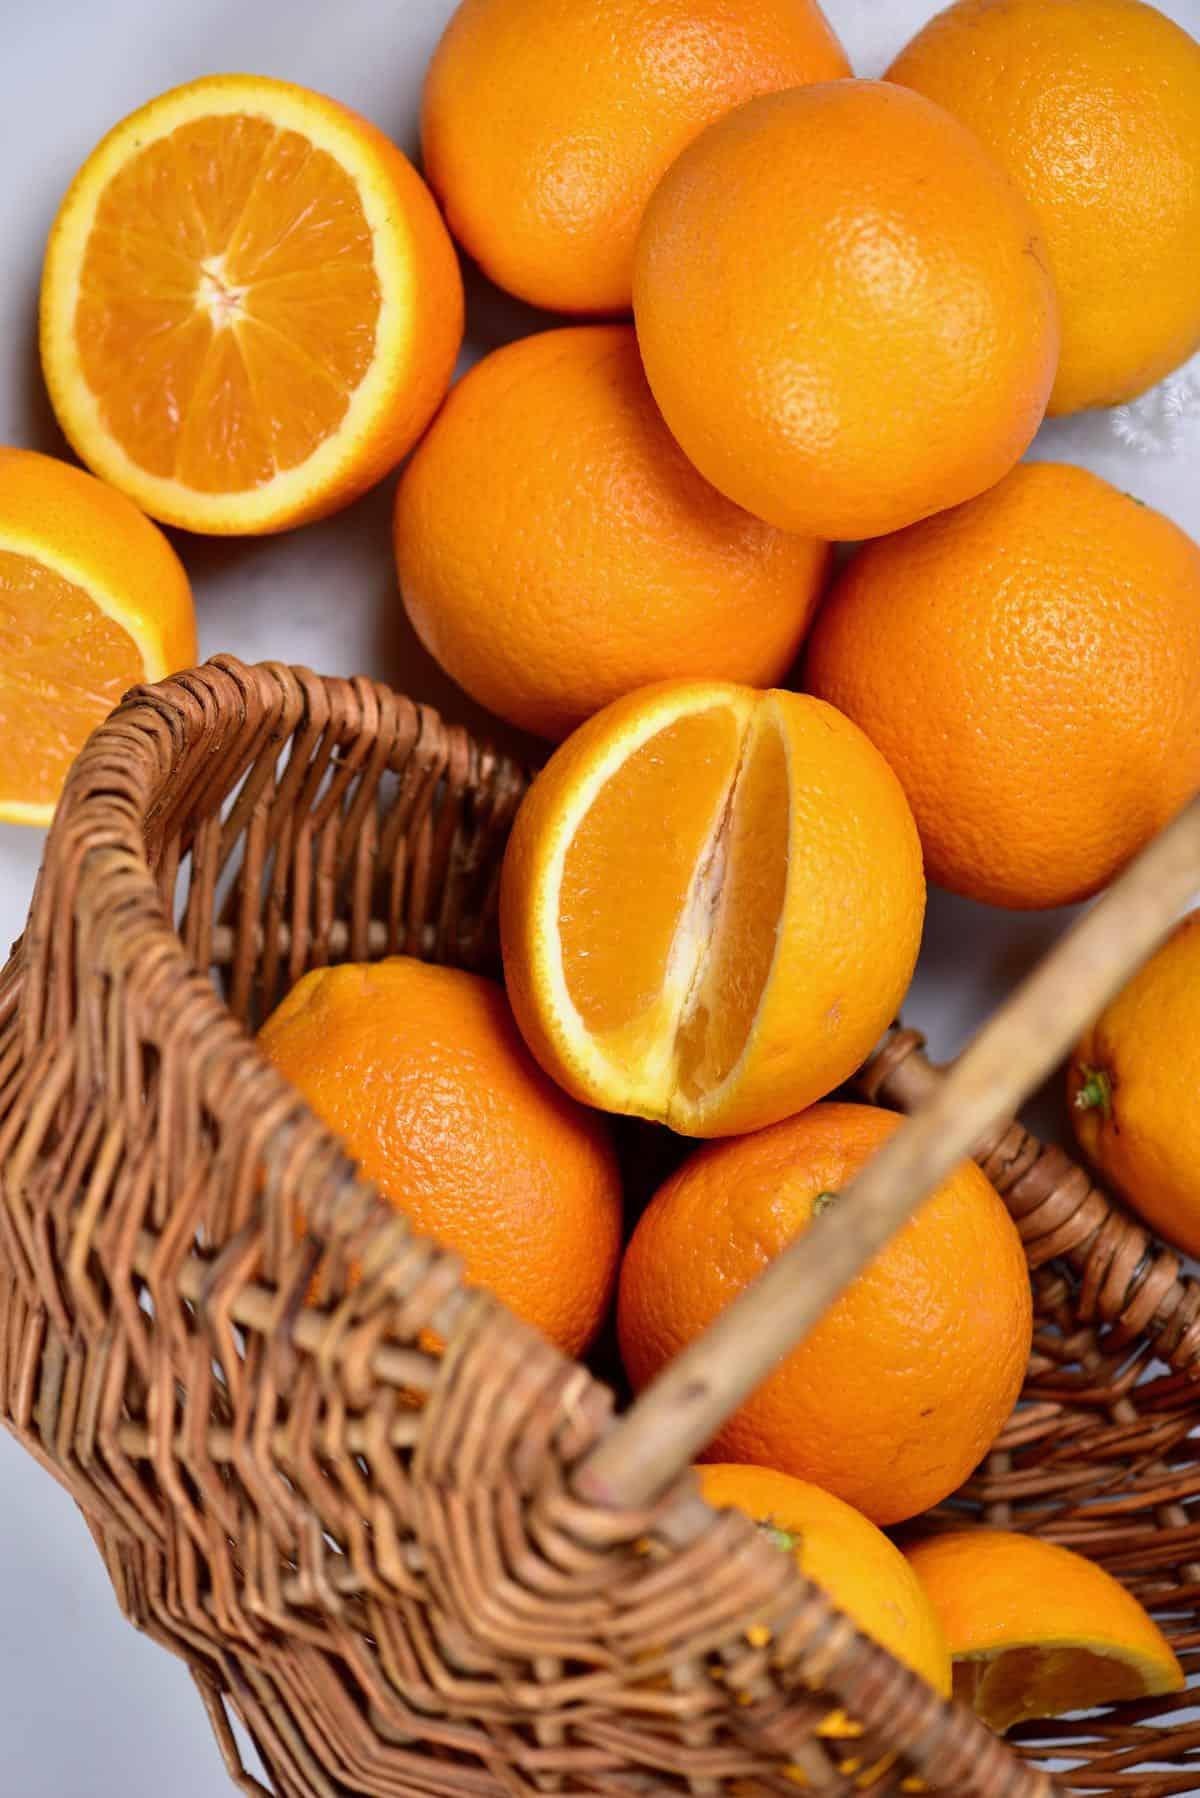 Oranges spilling out of a wooden basket